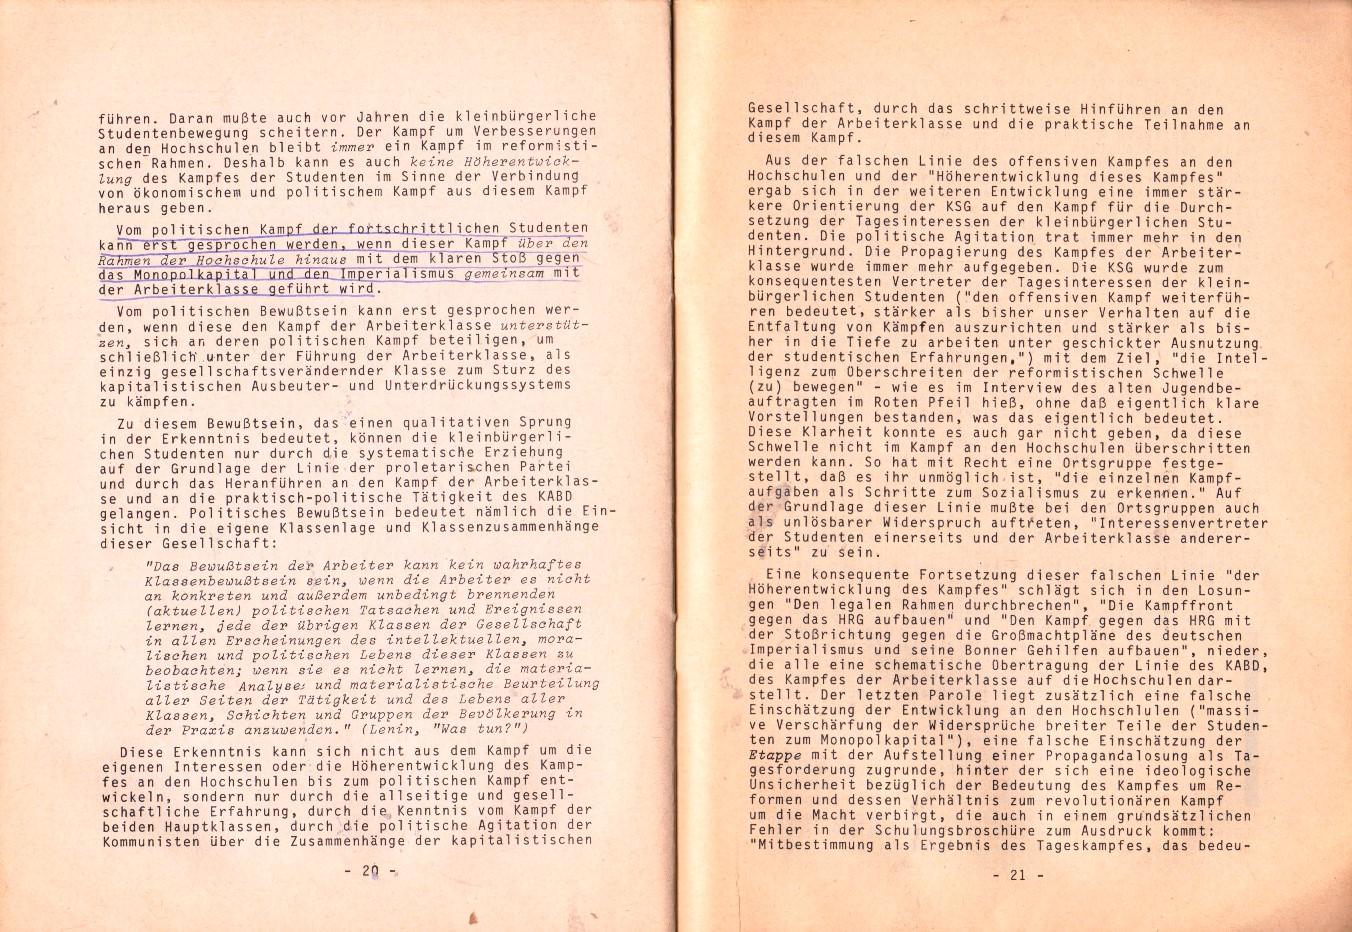 KABD_1976_Parteiaufbau_und_Intellektuellenfrage_14